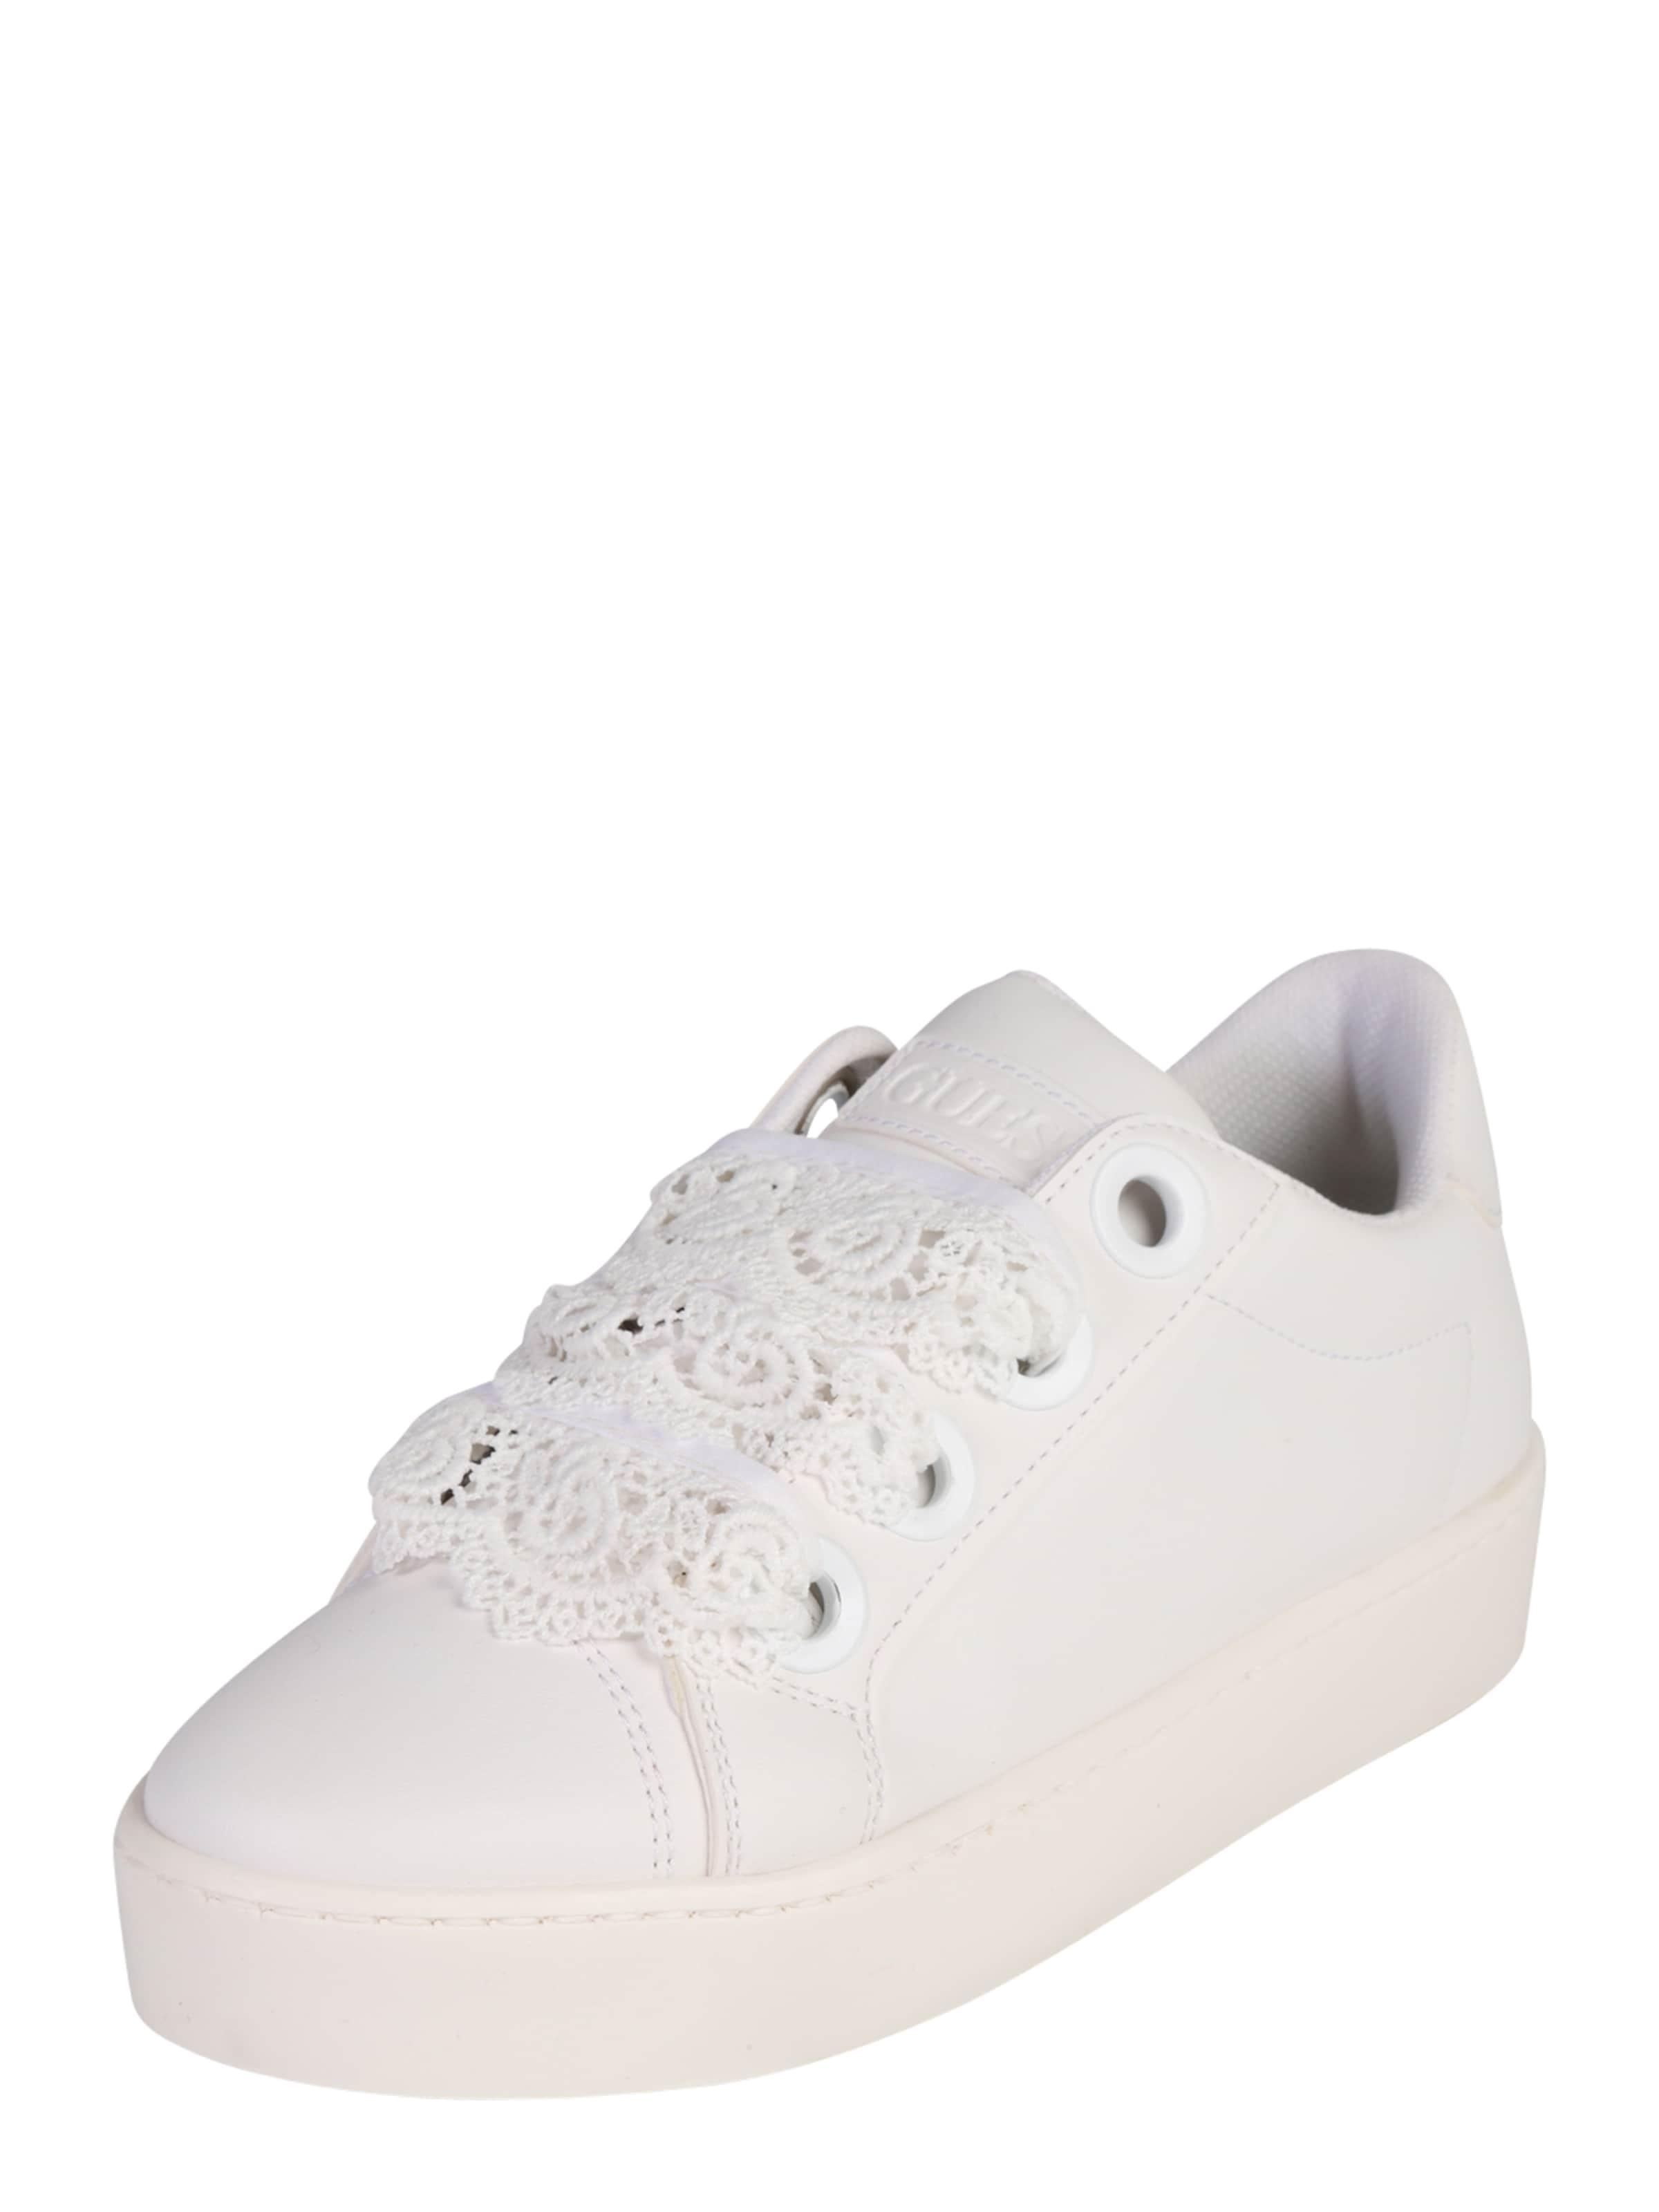 GUESS Sneaker URNY Verschleißfeste billige billige Verschleißfeste Schuhe 740cea